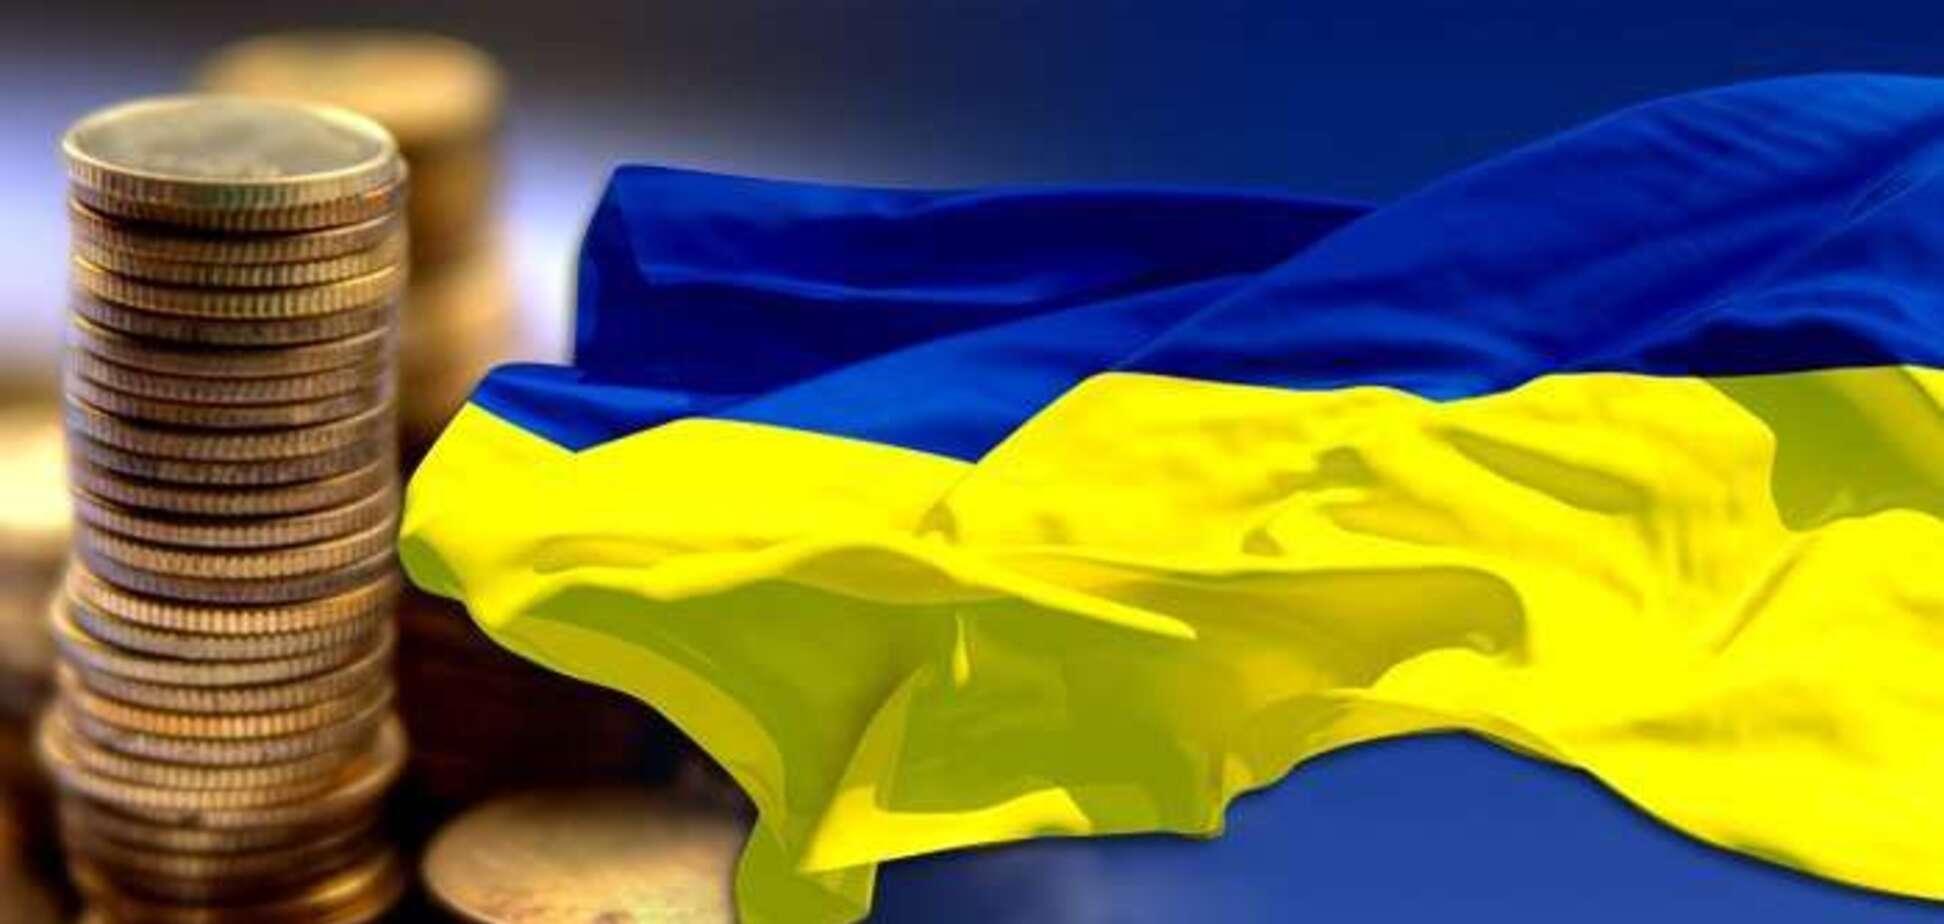 Хороші темпи розвитку: підсумки першого півріччя для економіки України